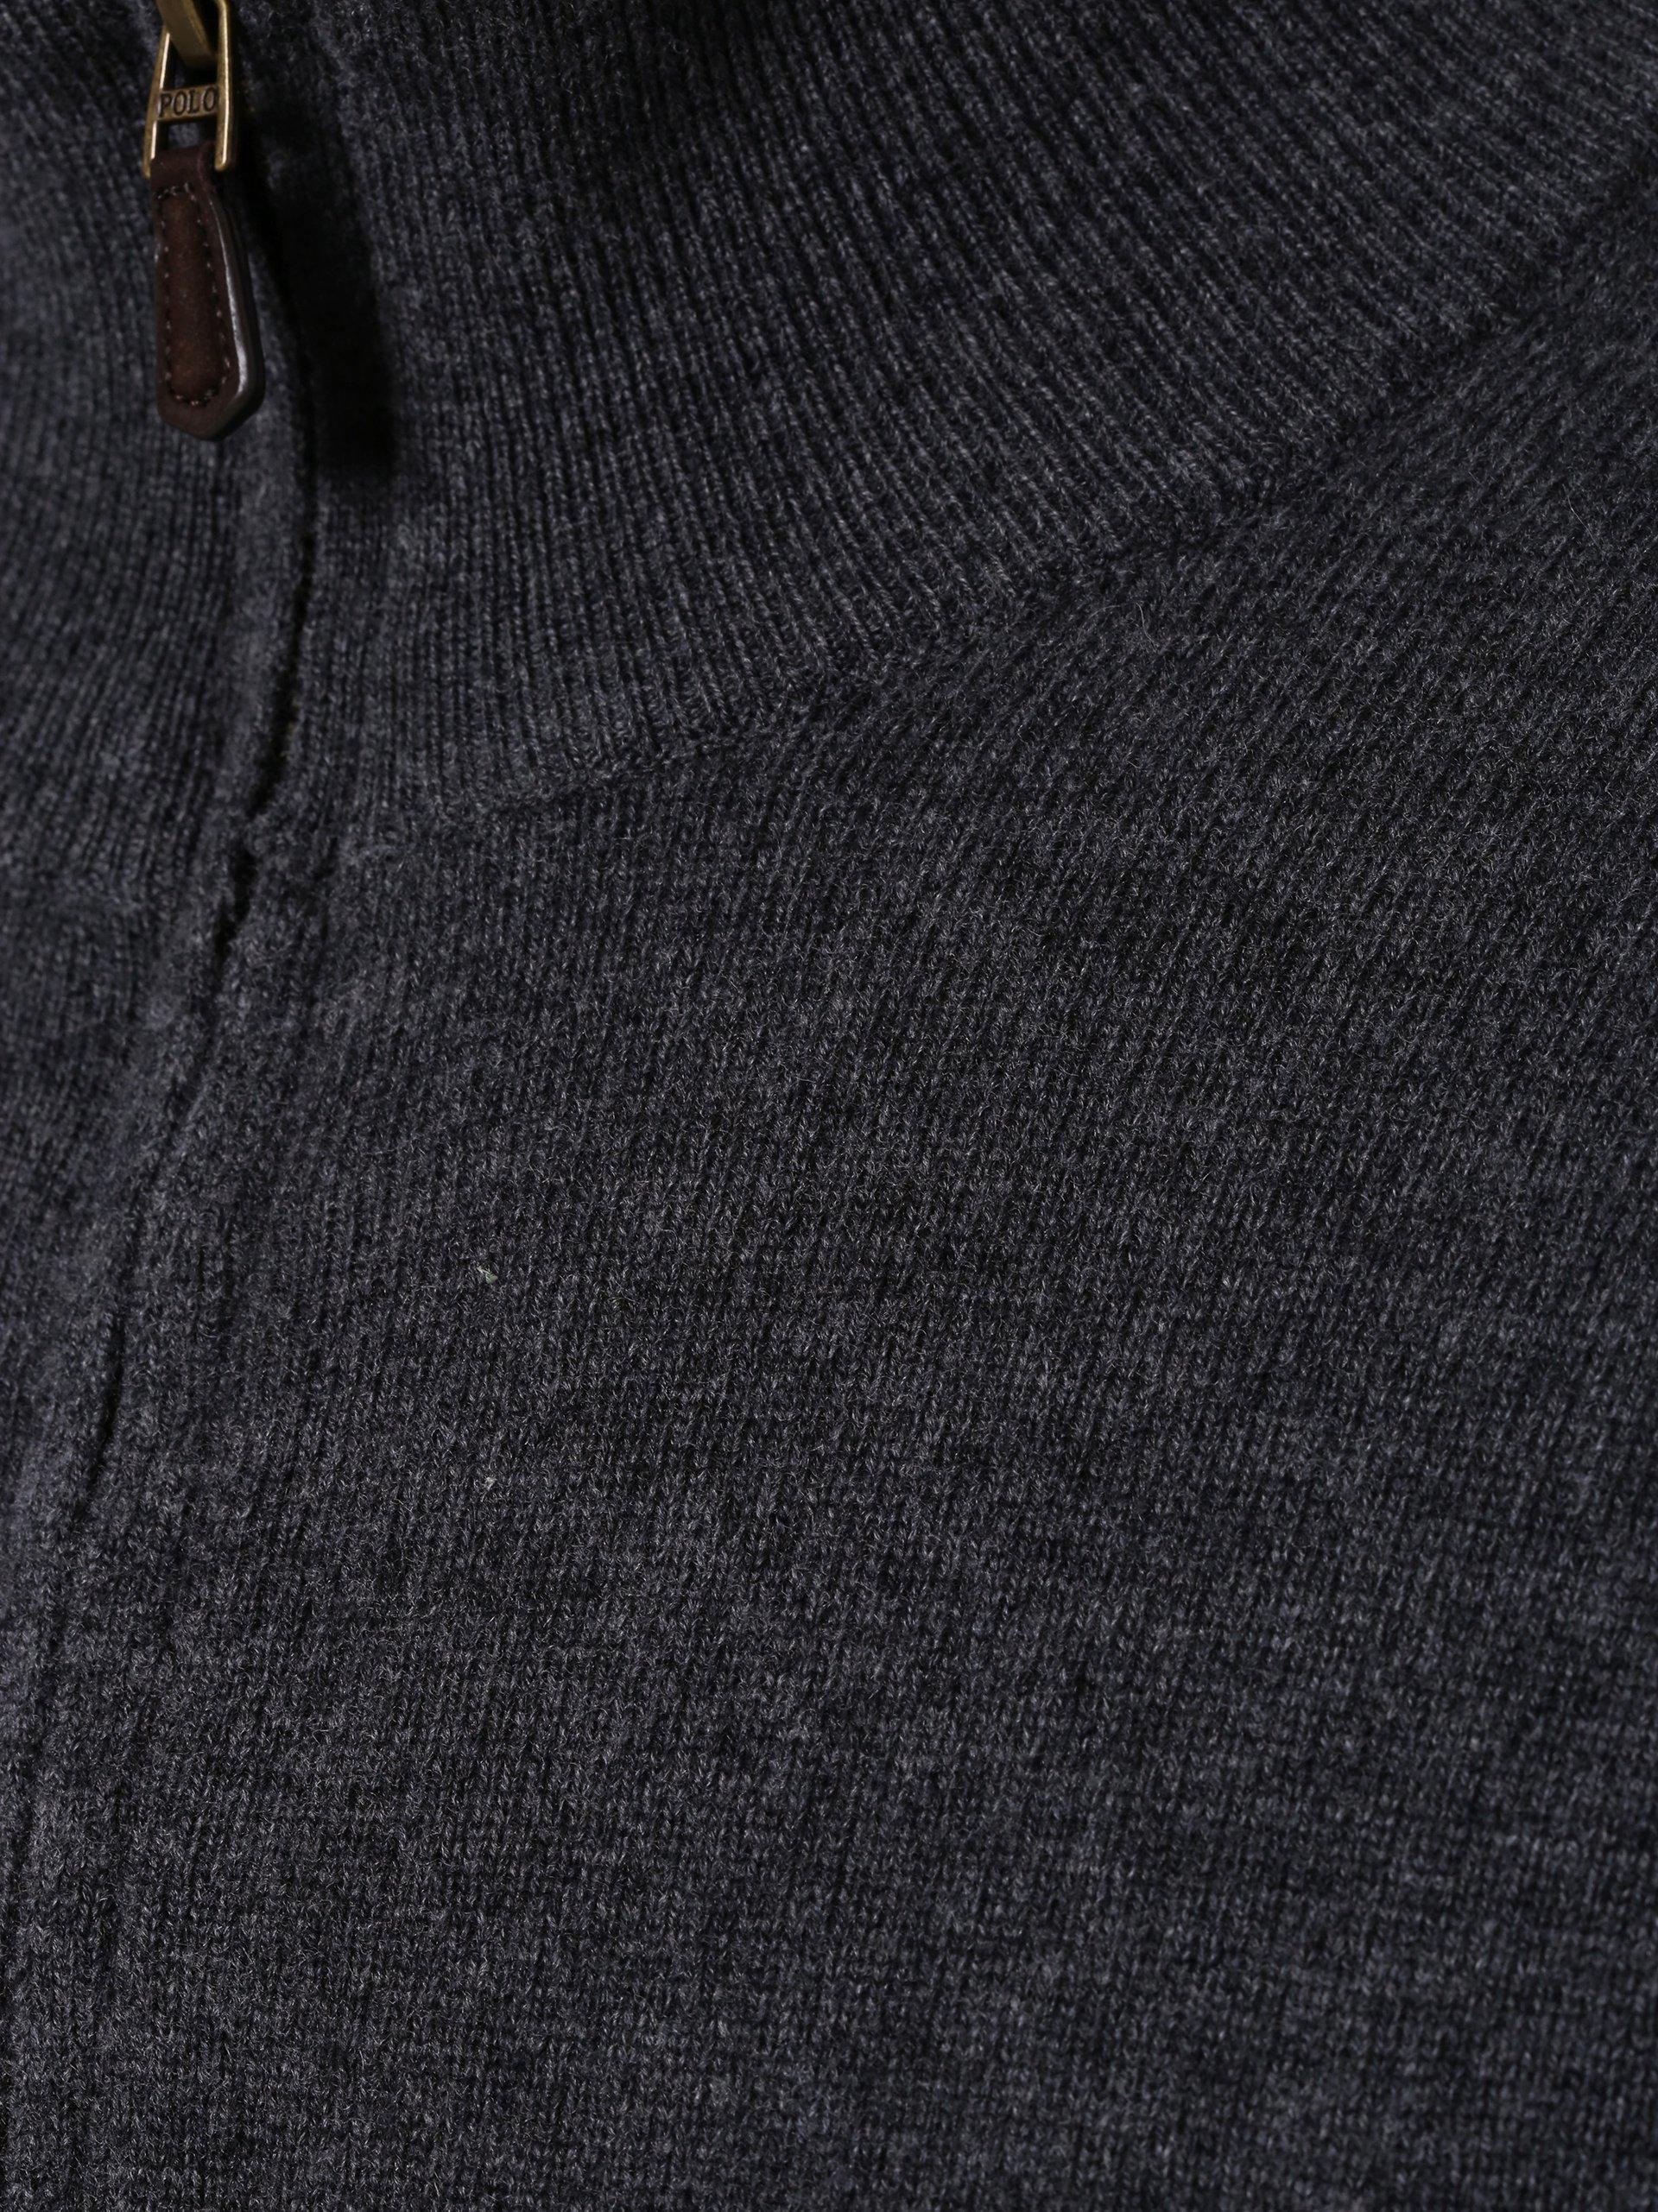 Polo Ralph Lauren Męski sweter z wełny merino